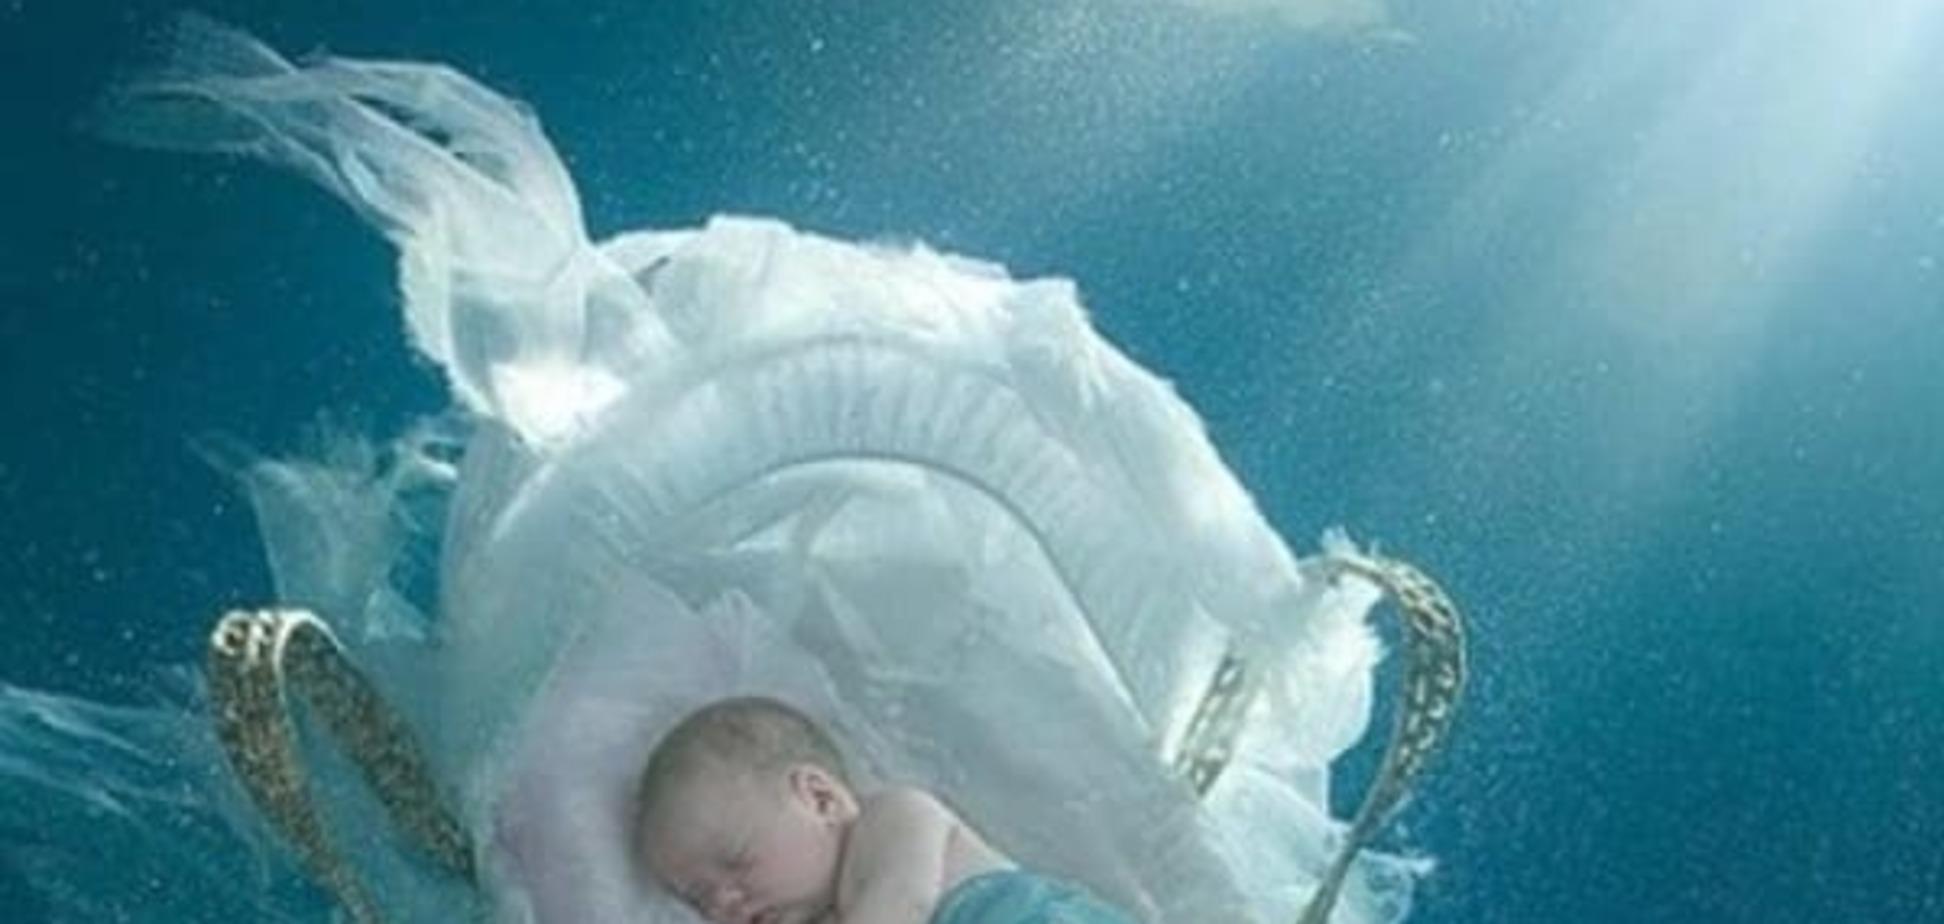 Мелкодисперсная взвесь в околоплодных водах при беременности